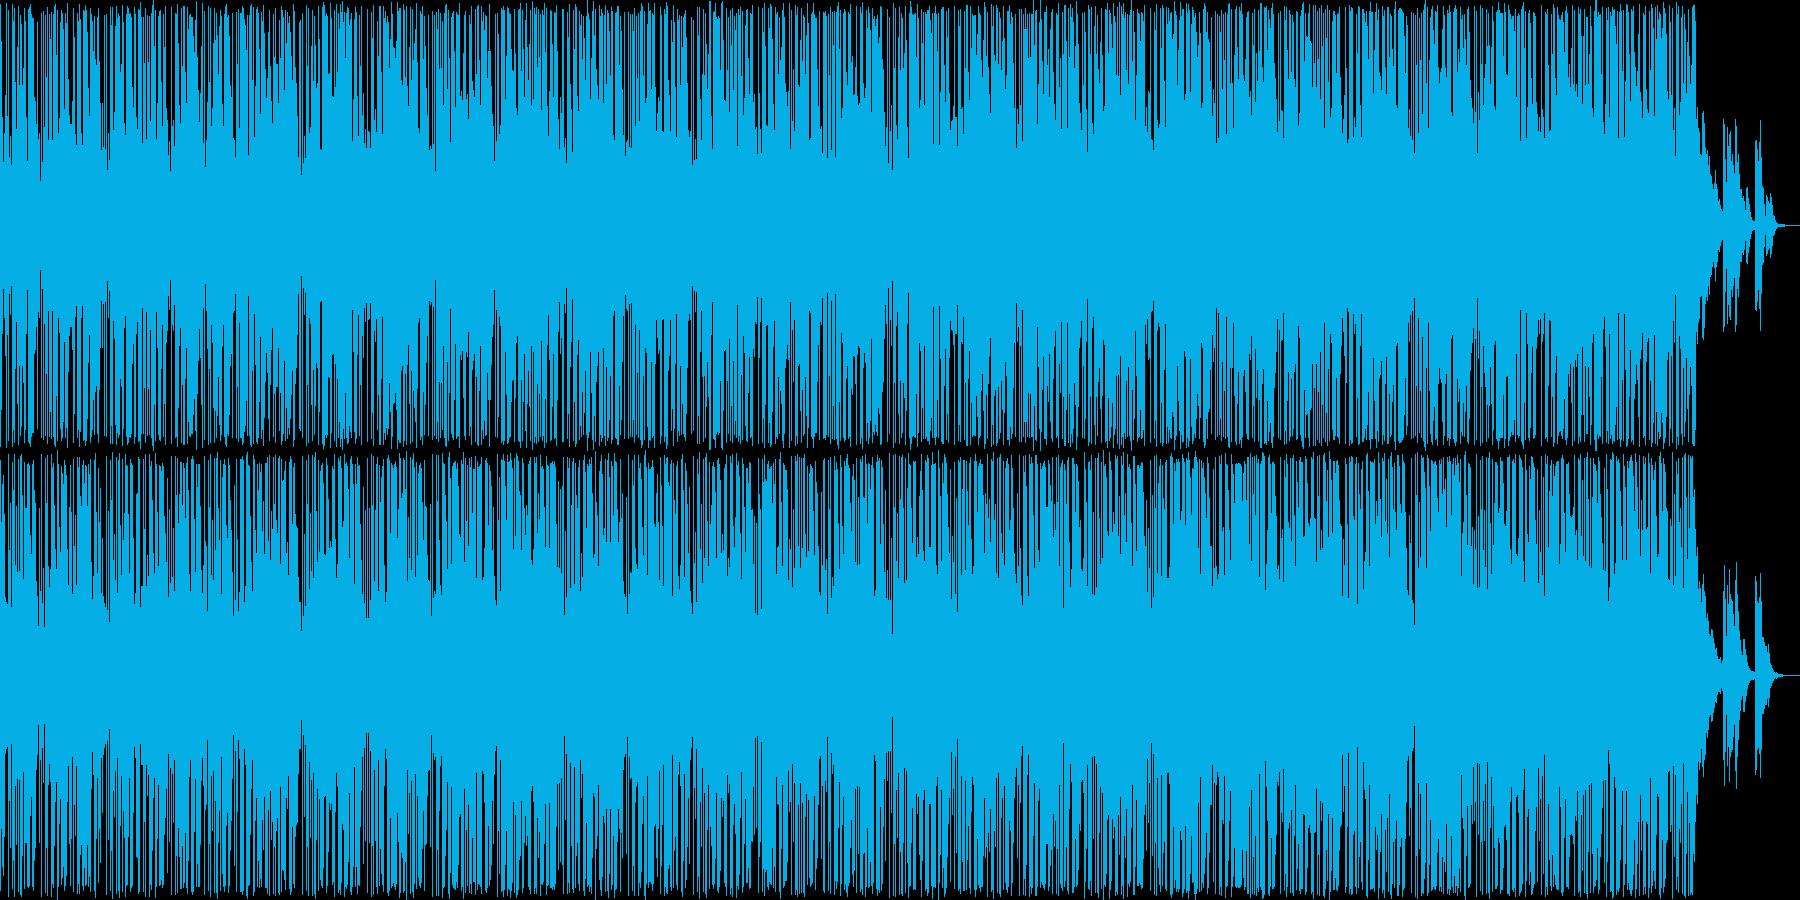 哀愁感あるトラップビートのインストの再生済みの波形